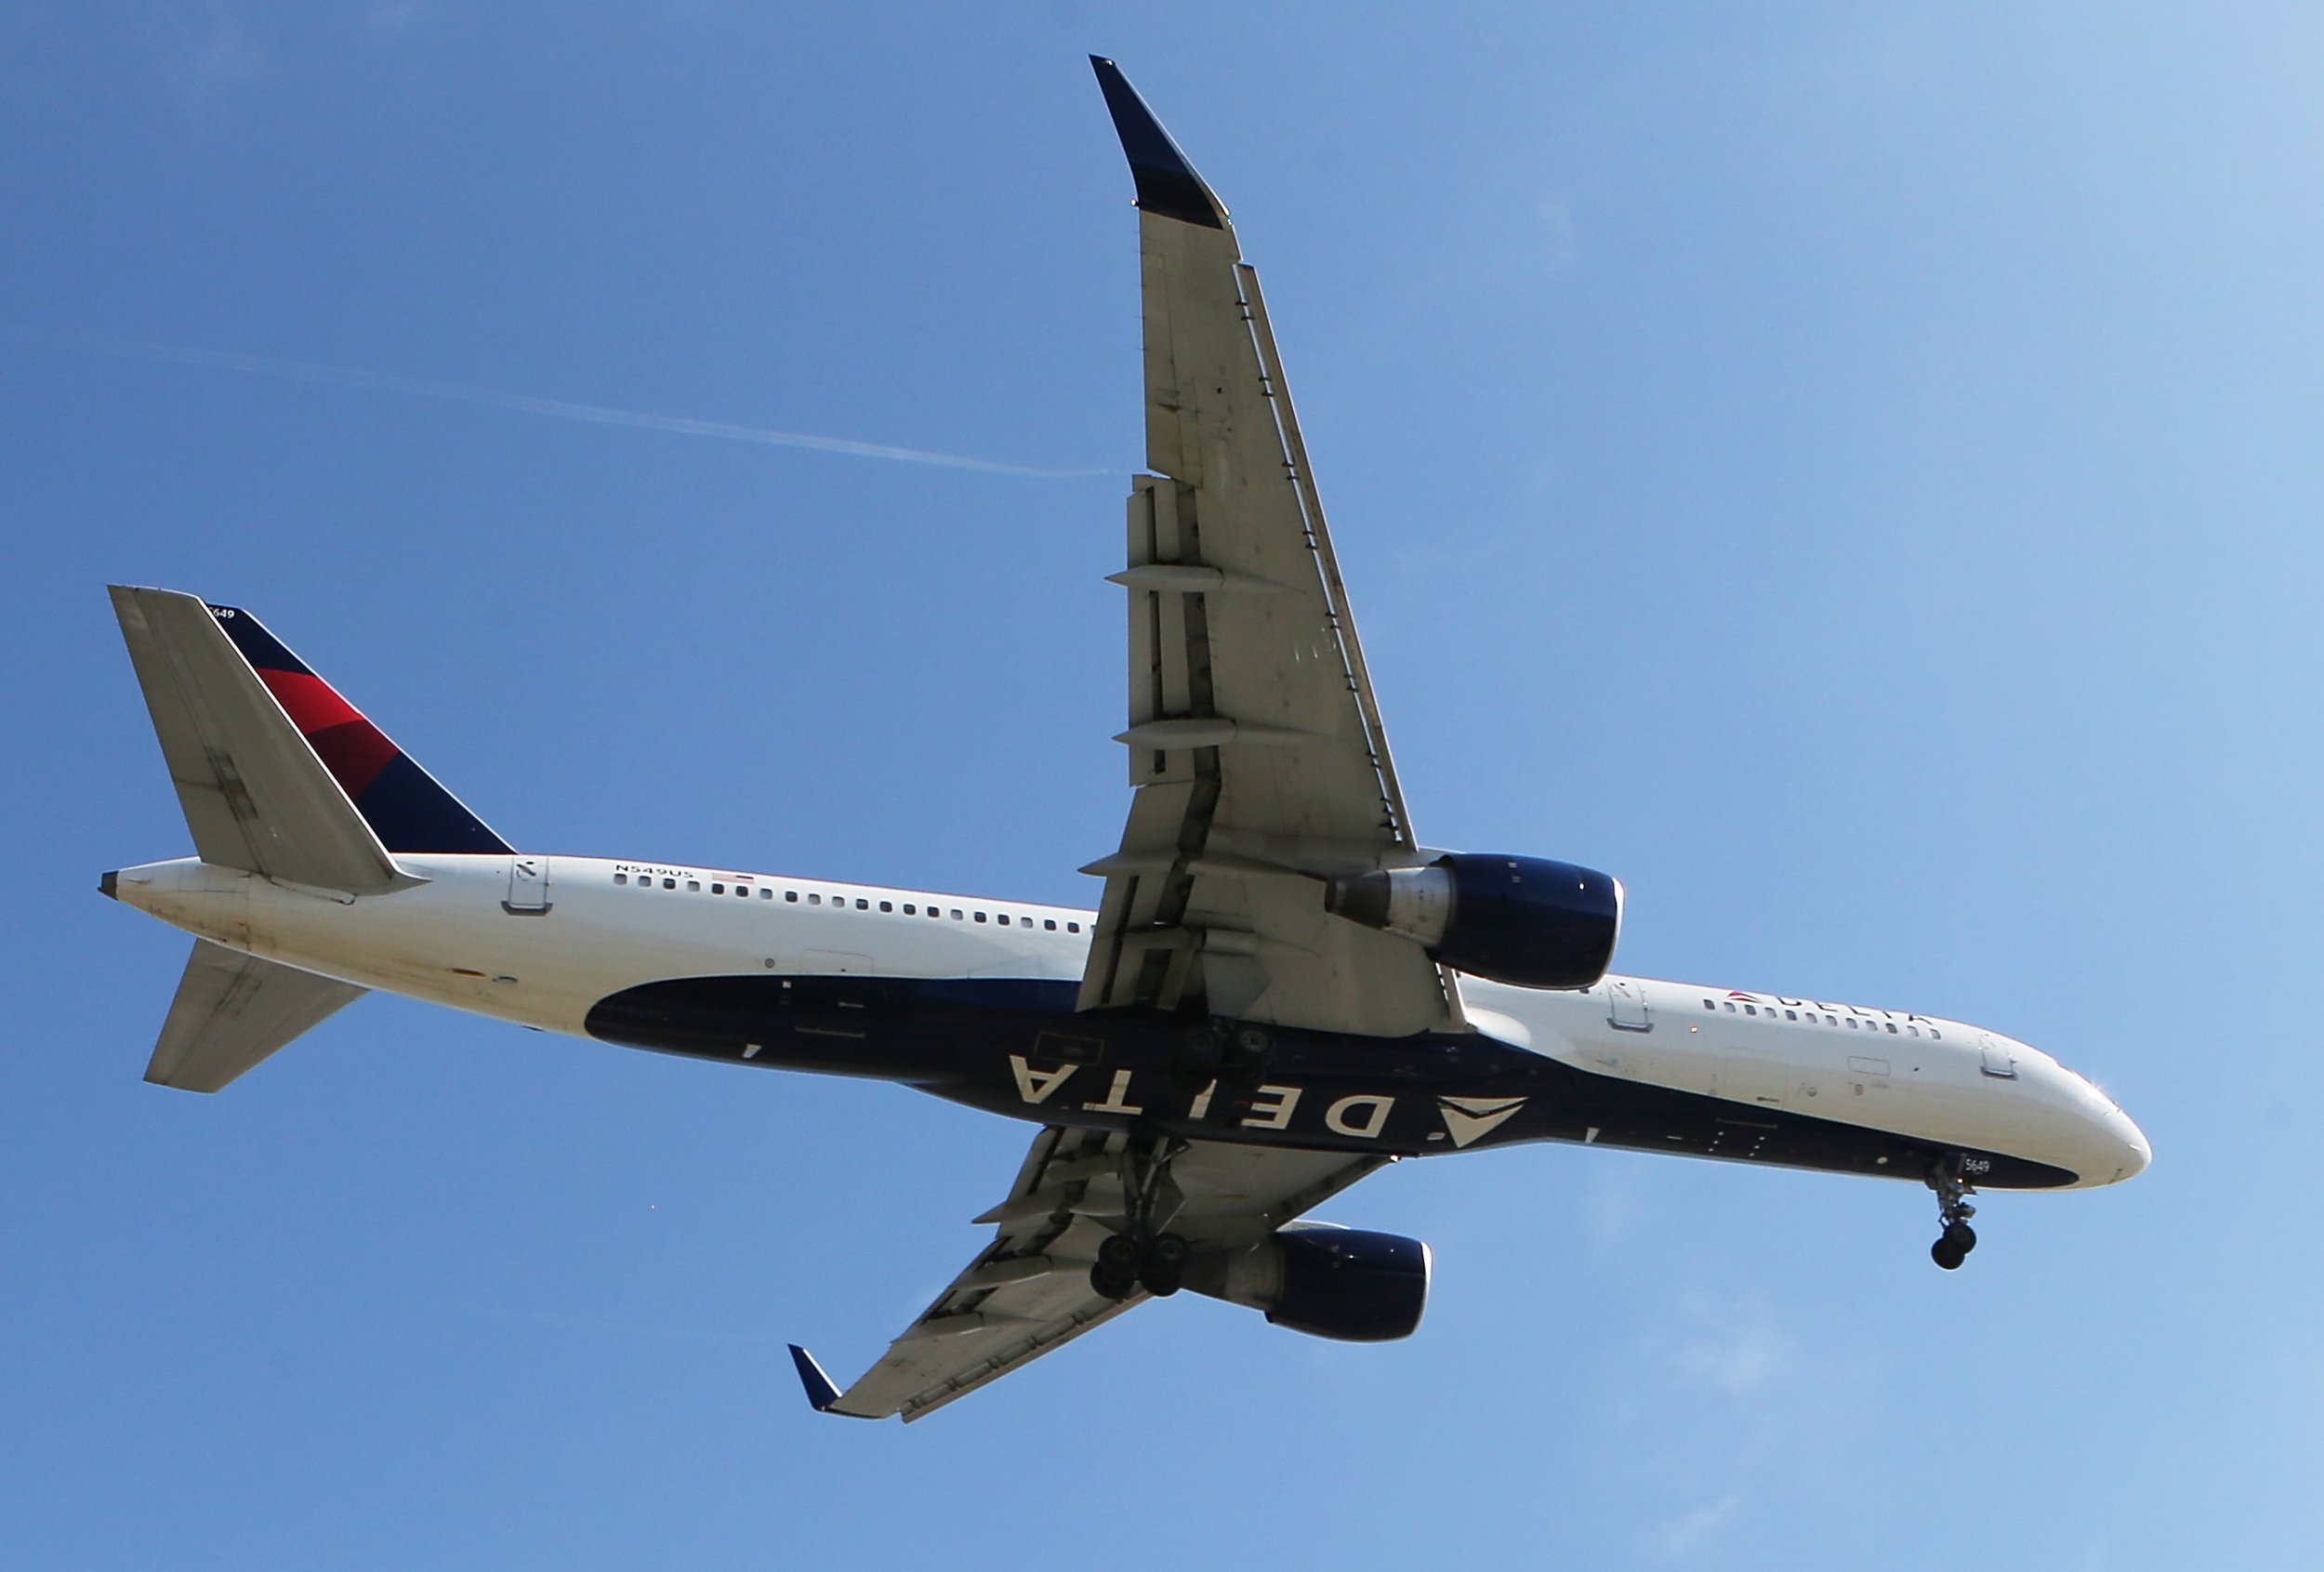 11_22_Delta plane